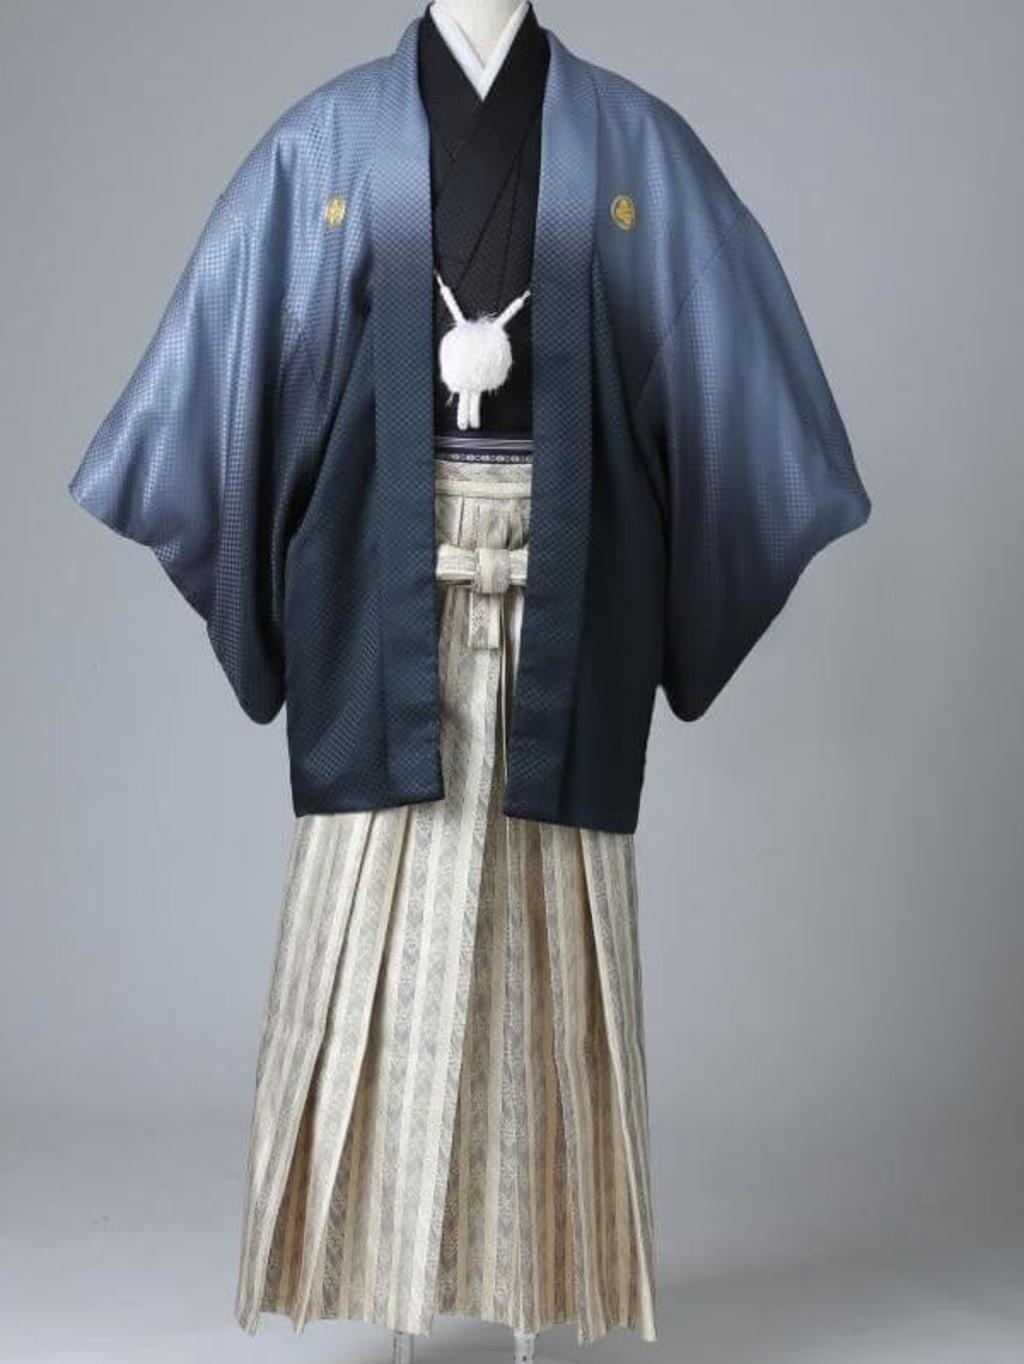 シルバーグラデーション紋服 ゴールド袴_横浜店